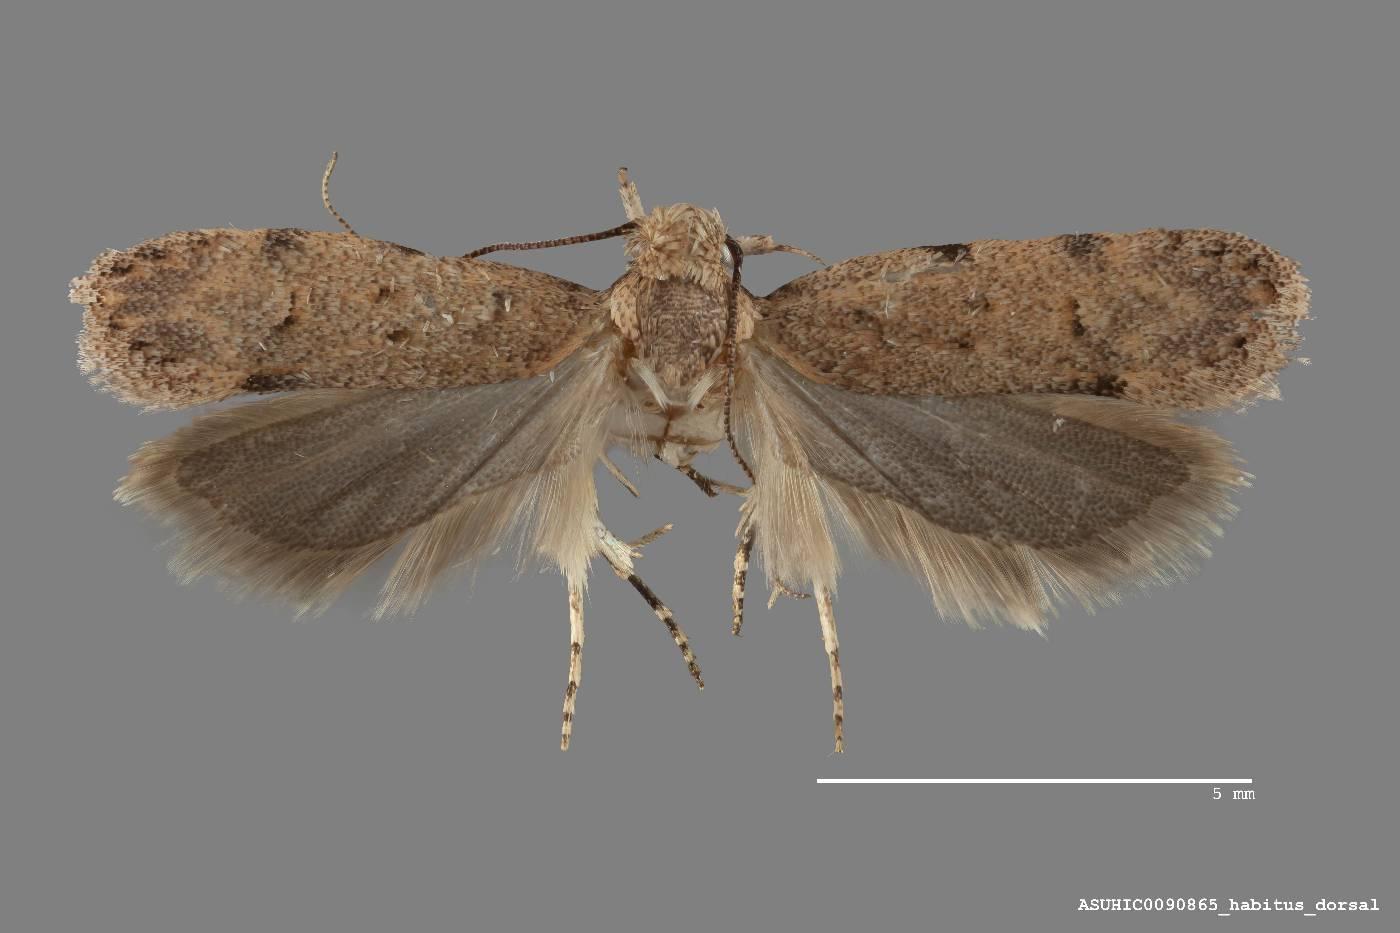 Friseria cockerelli image